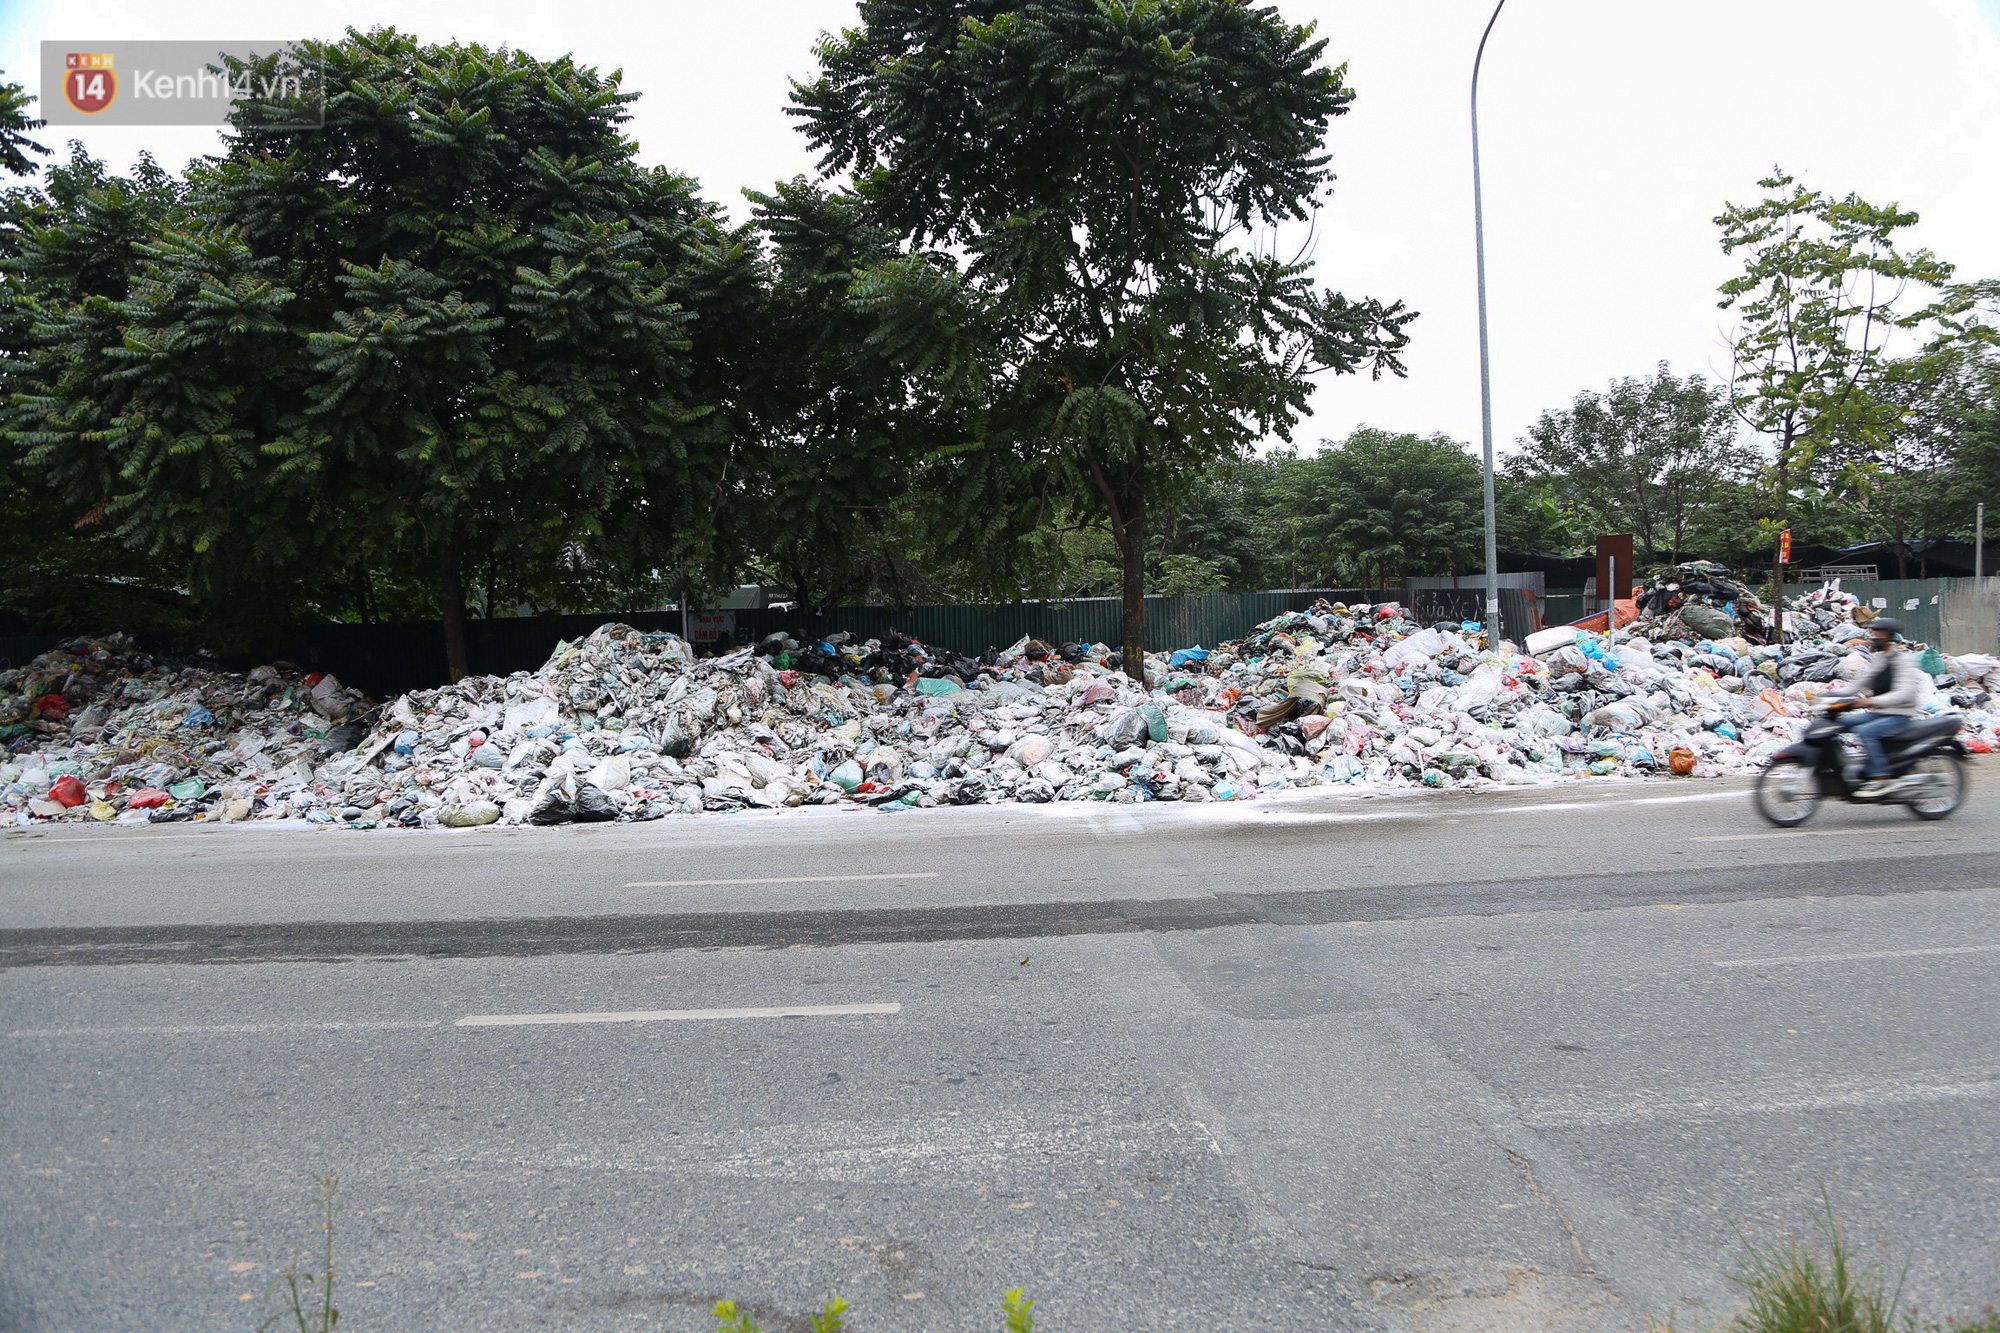 Ảnh, clip: Người Hà Nội lại ngộp thở vì rác thải chất thành đống, công nhân môi trường phải rắc vôi trắng để tạm xử lý mùi hôi - Ảnh 2.